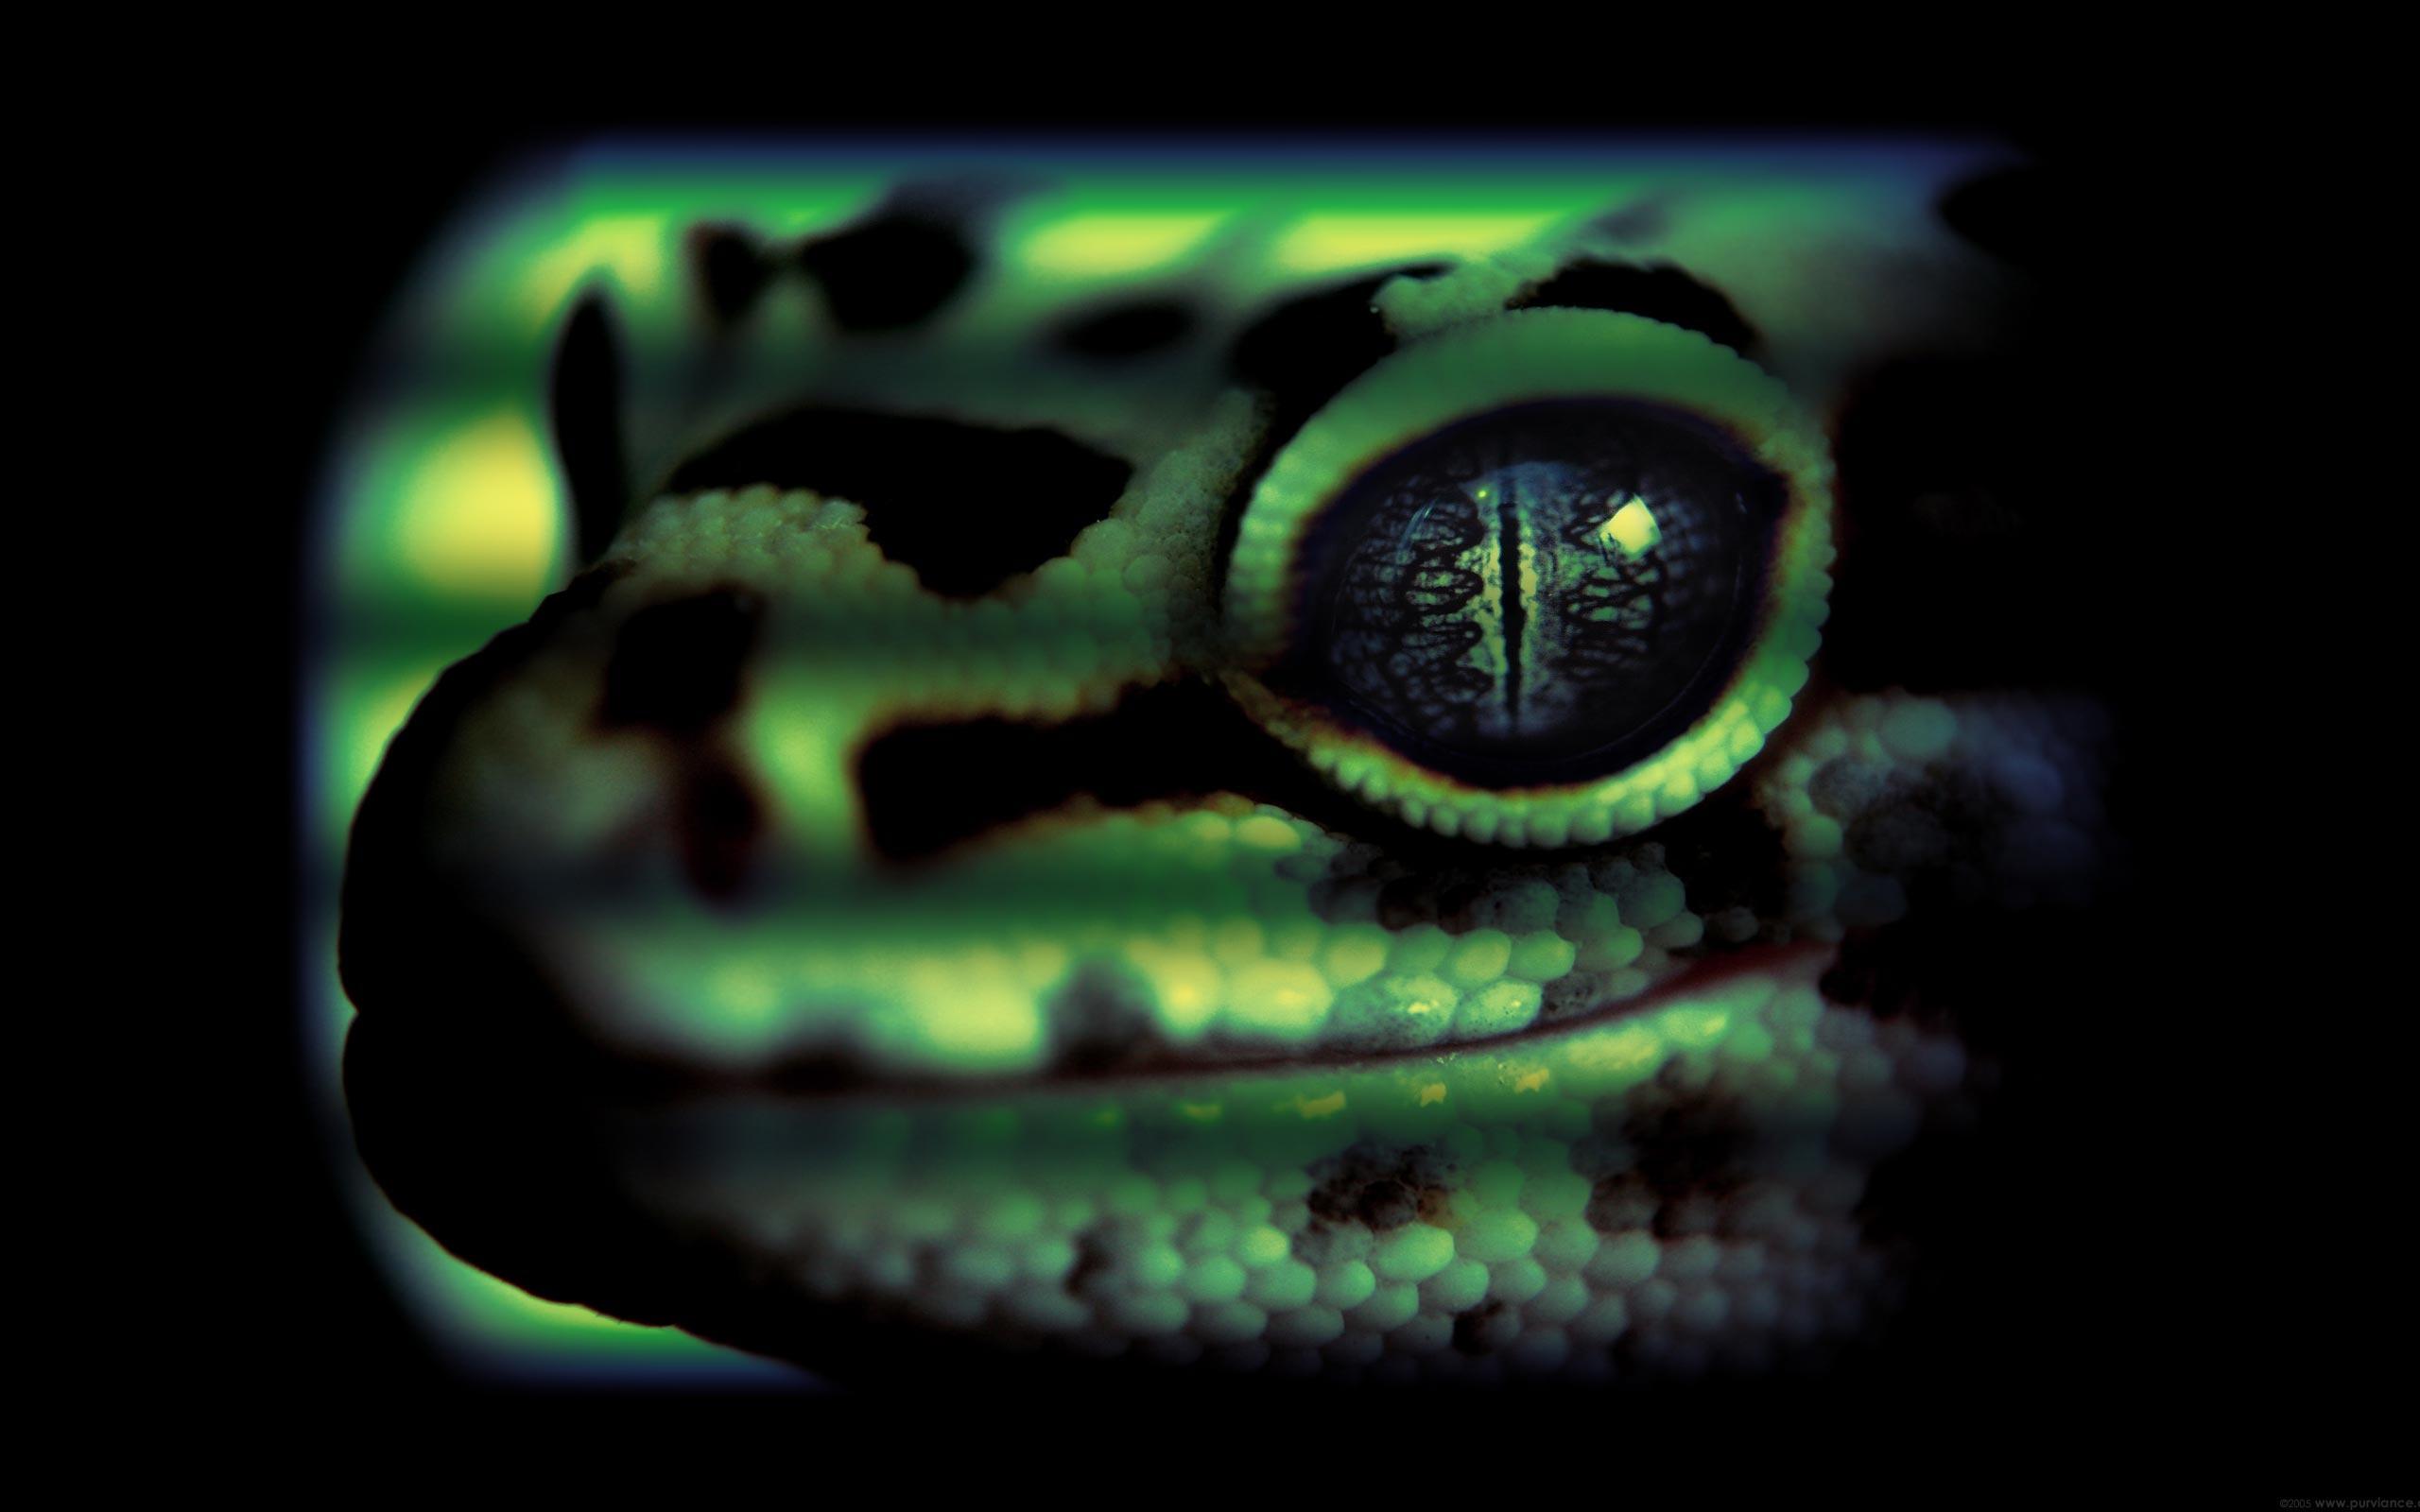 Animal - Lizard  Gecko Wallpaper